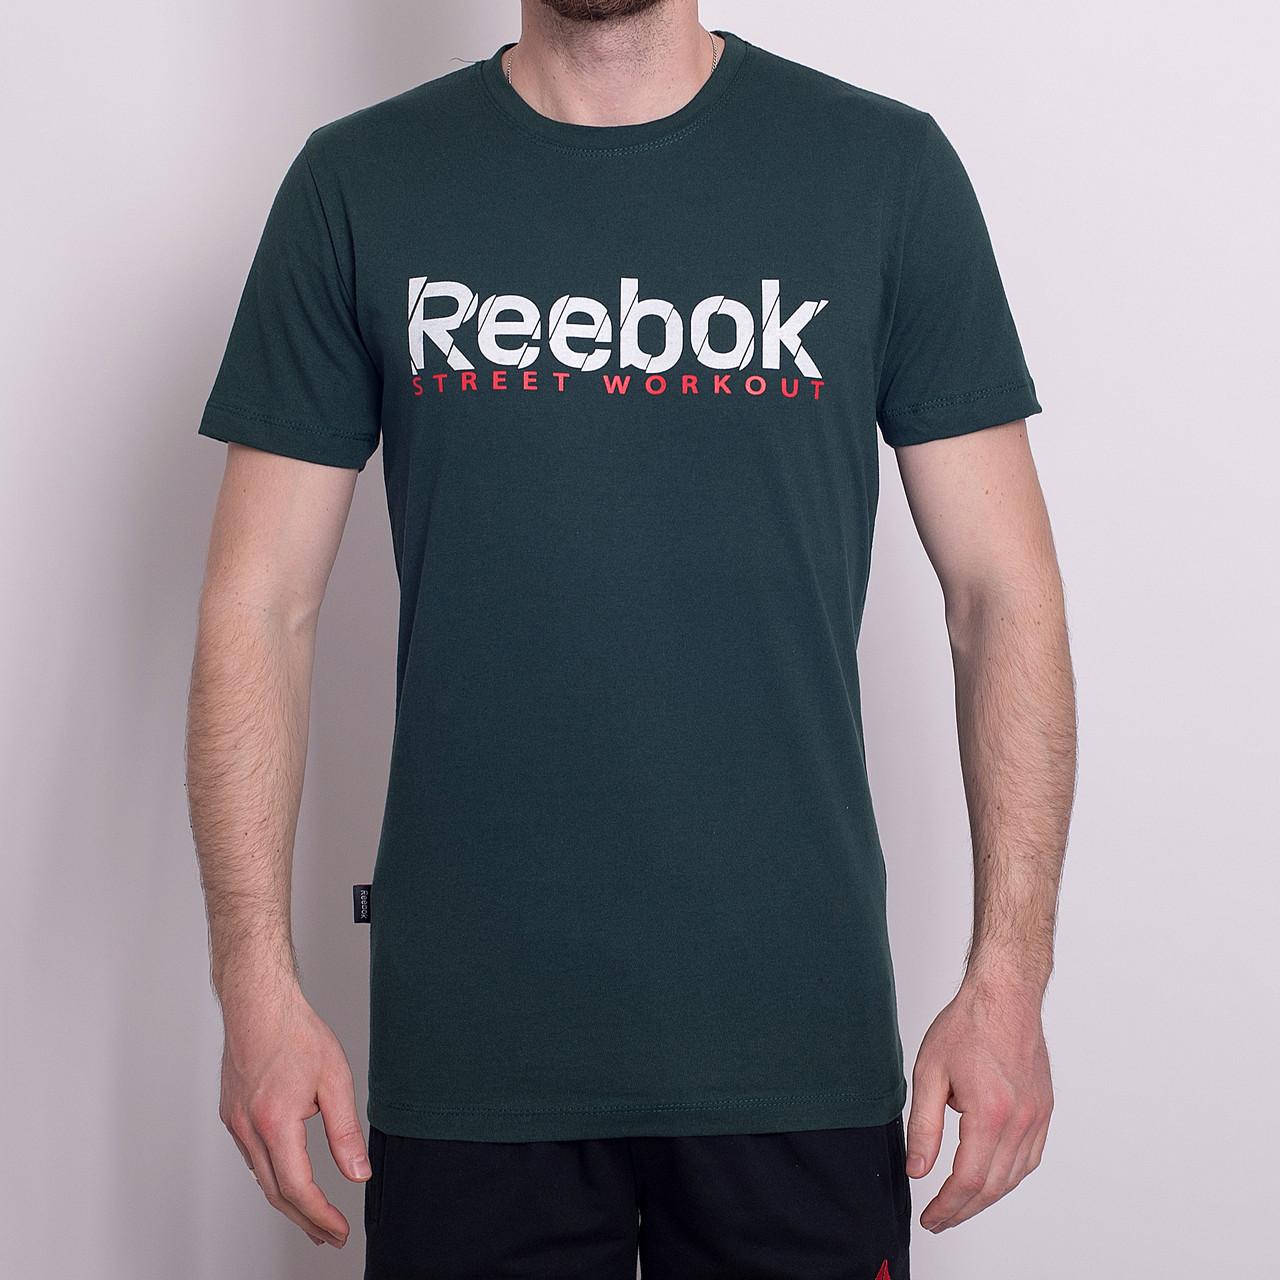 Чоловіча спортивна футболка Reebok, зеленого кольору